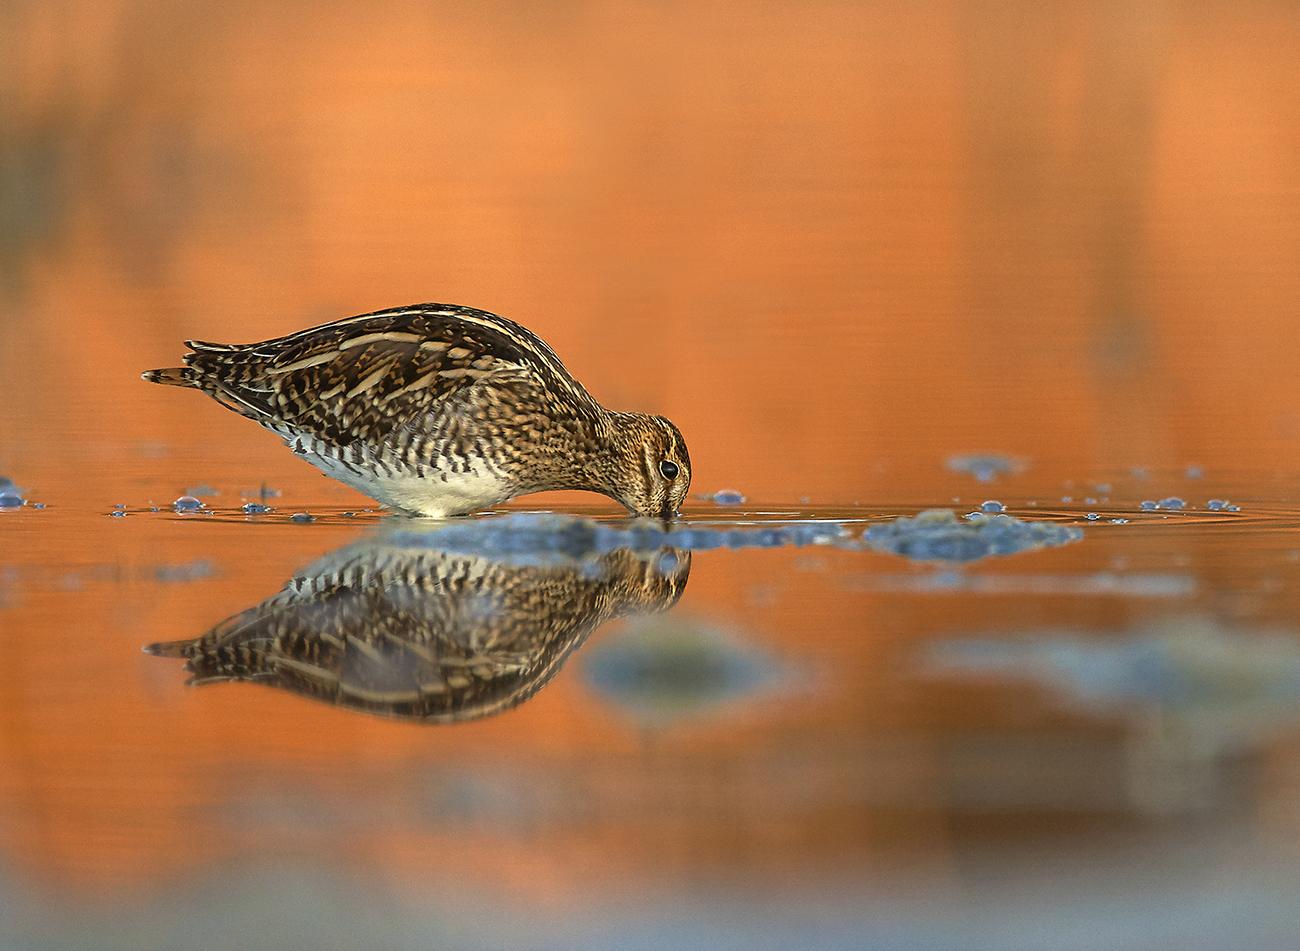 Agachadiza - Aves Ibéricas - Antonio Atienza Fotografía de naturaleza, aves.